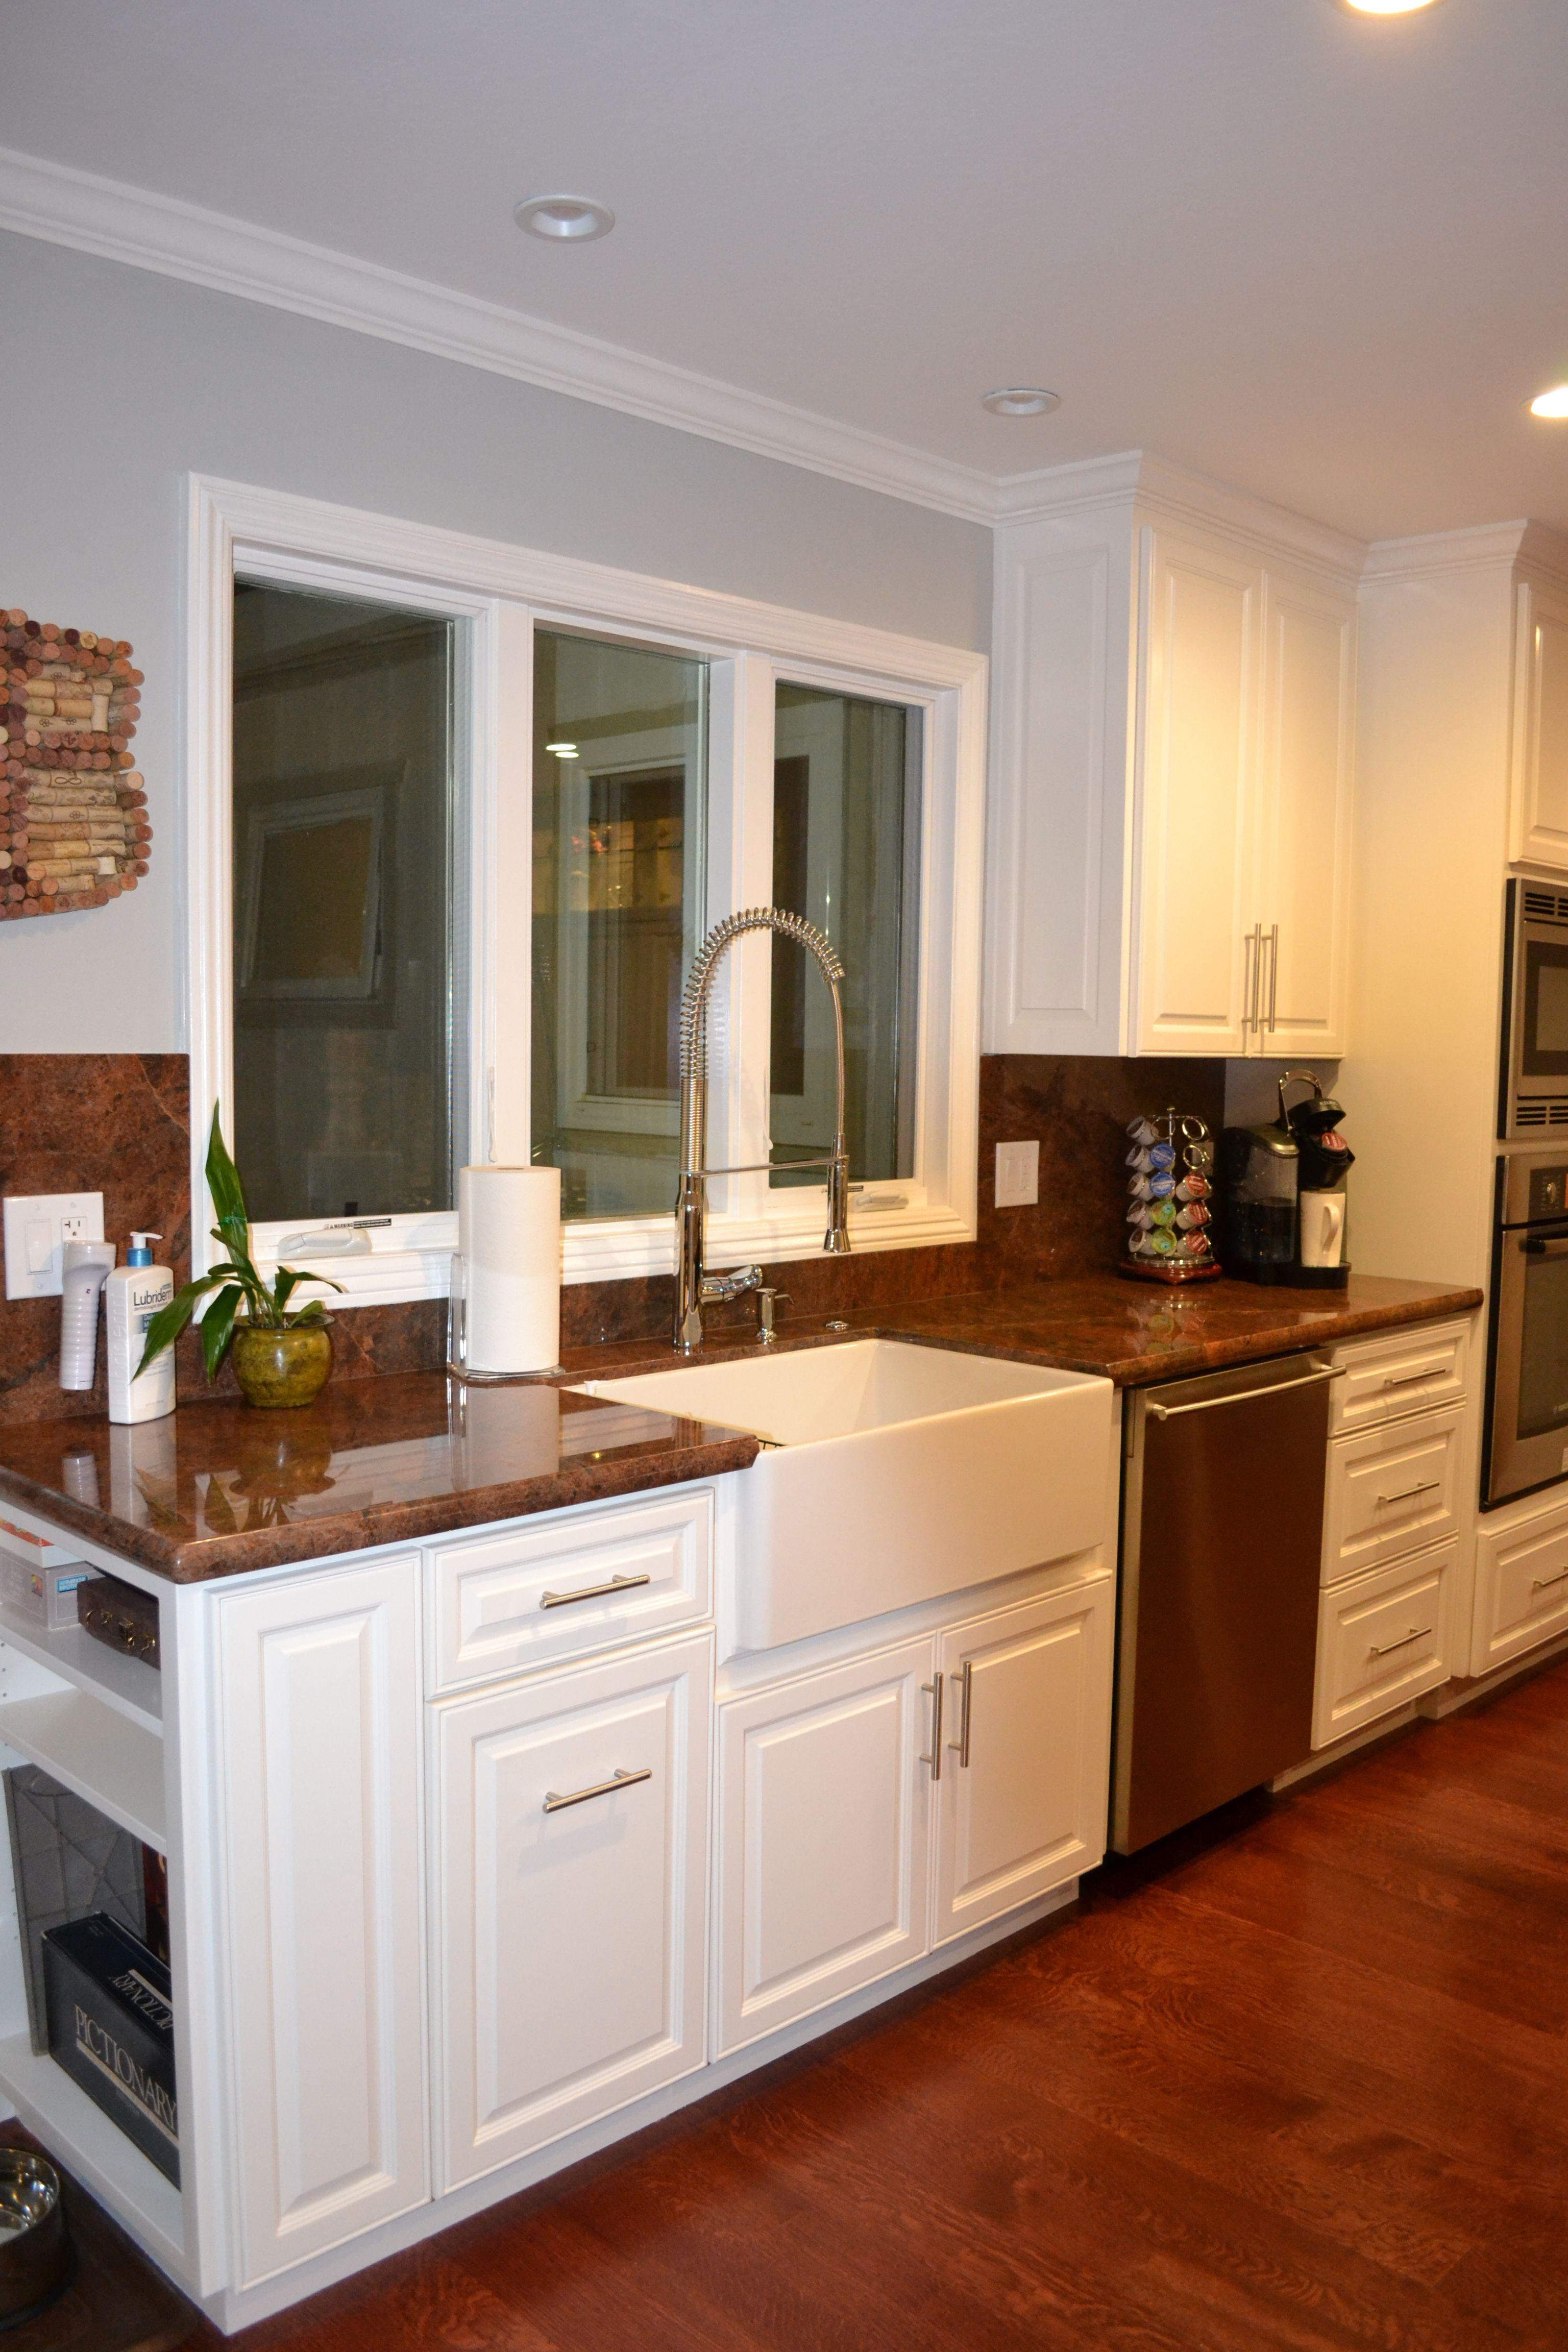 Small kitchen remodel Farmhouse sink kitchen ideas